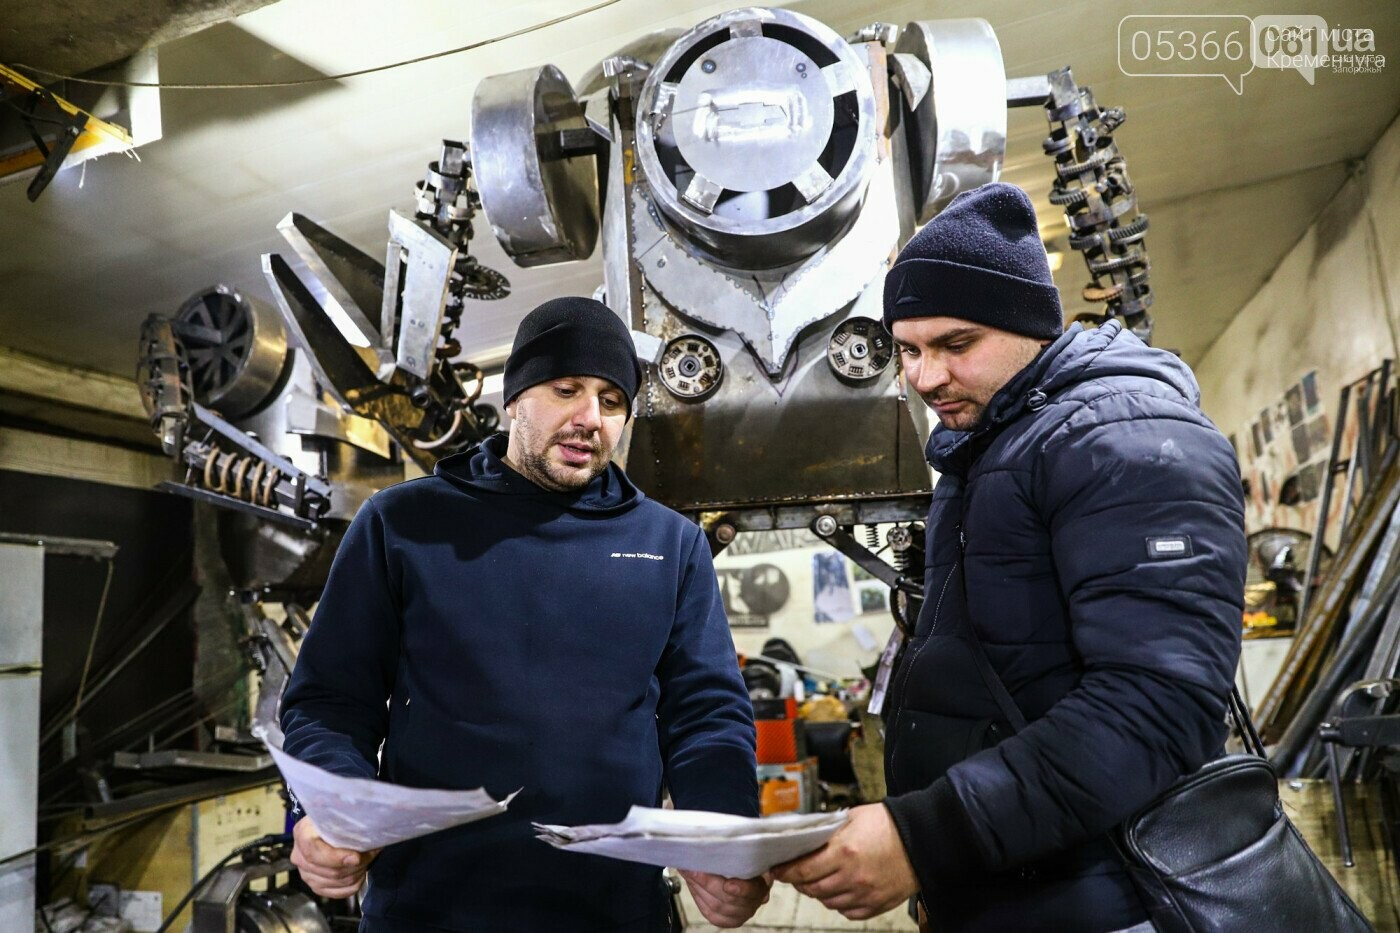 Звездолеты, роботы и Мастер Йода — в Кременчуге откроется крутая выставка, фото-3